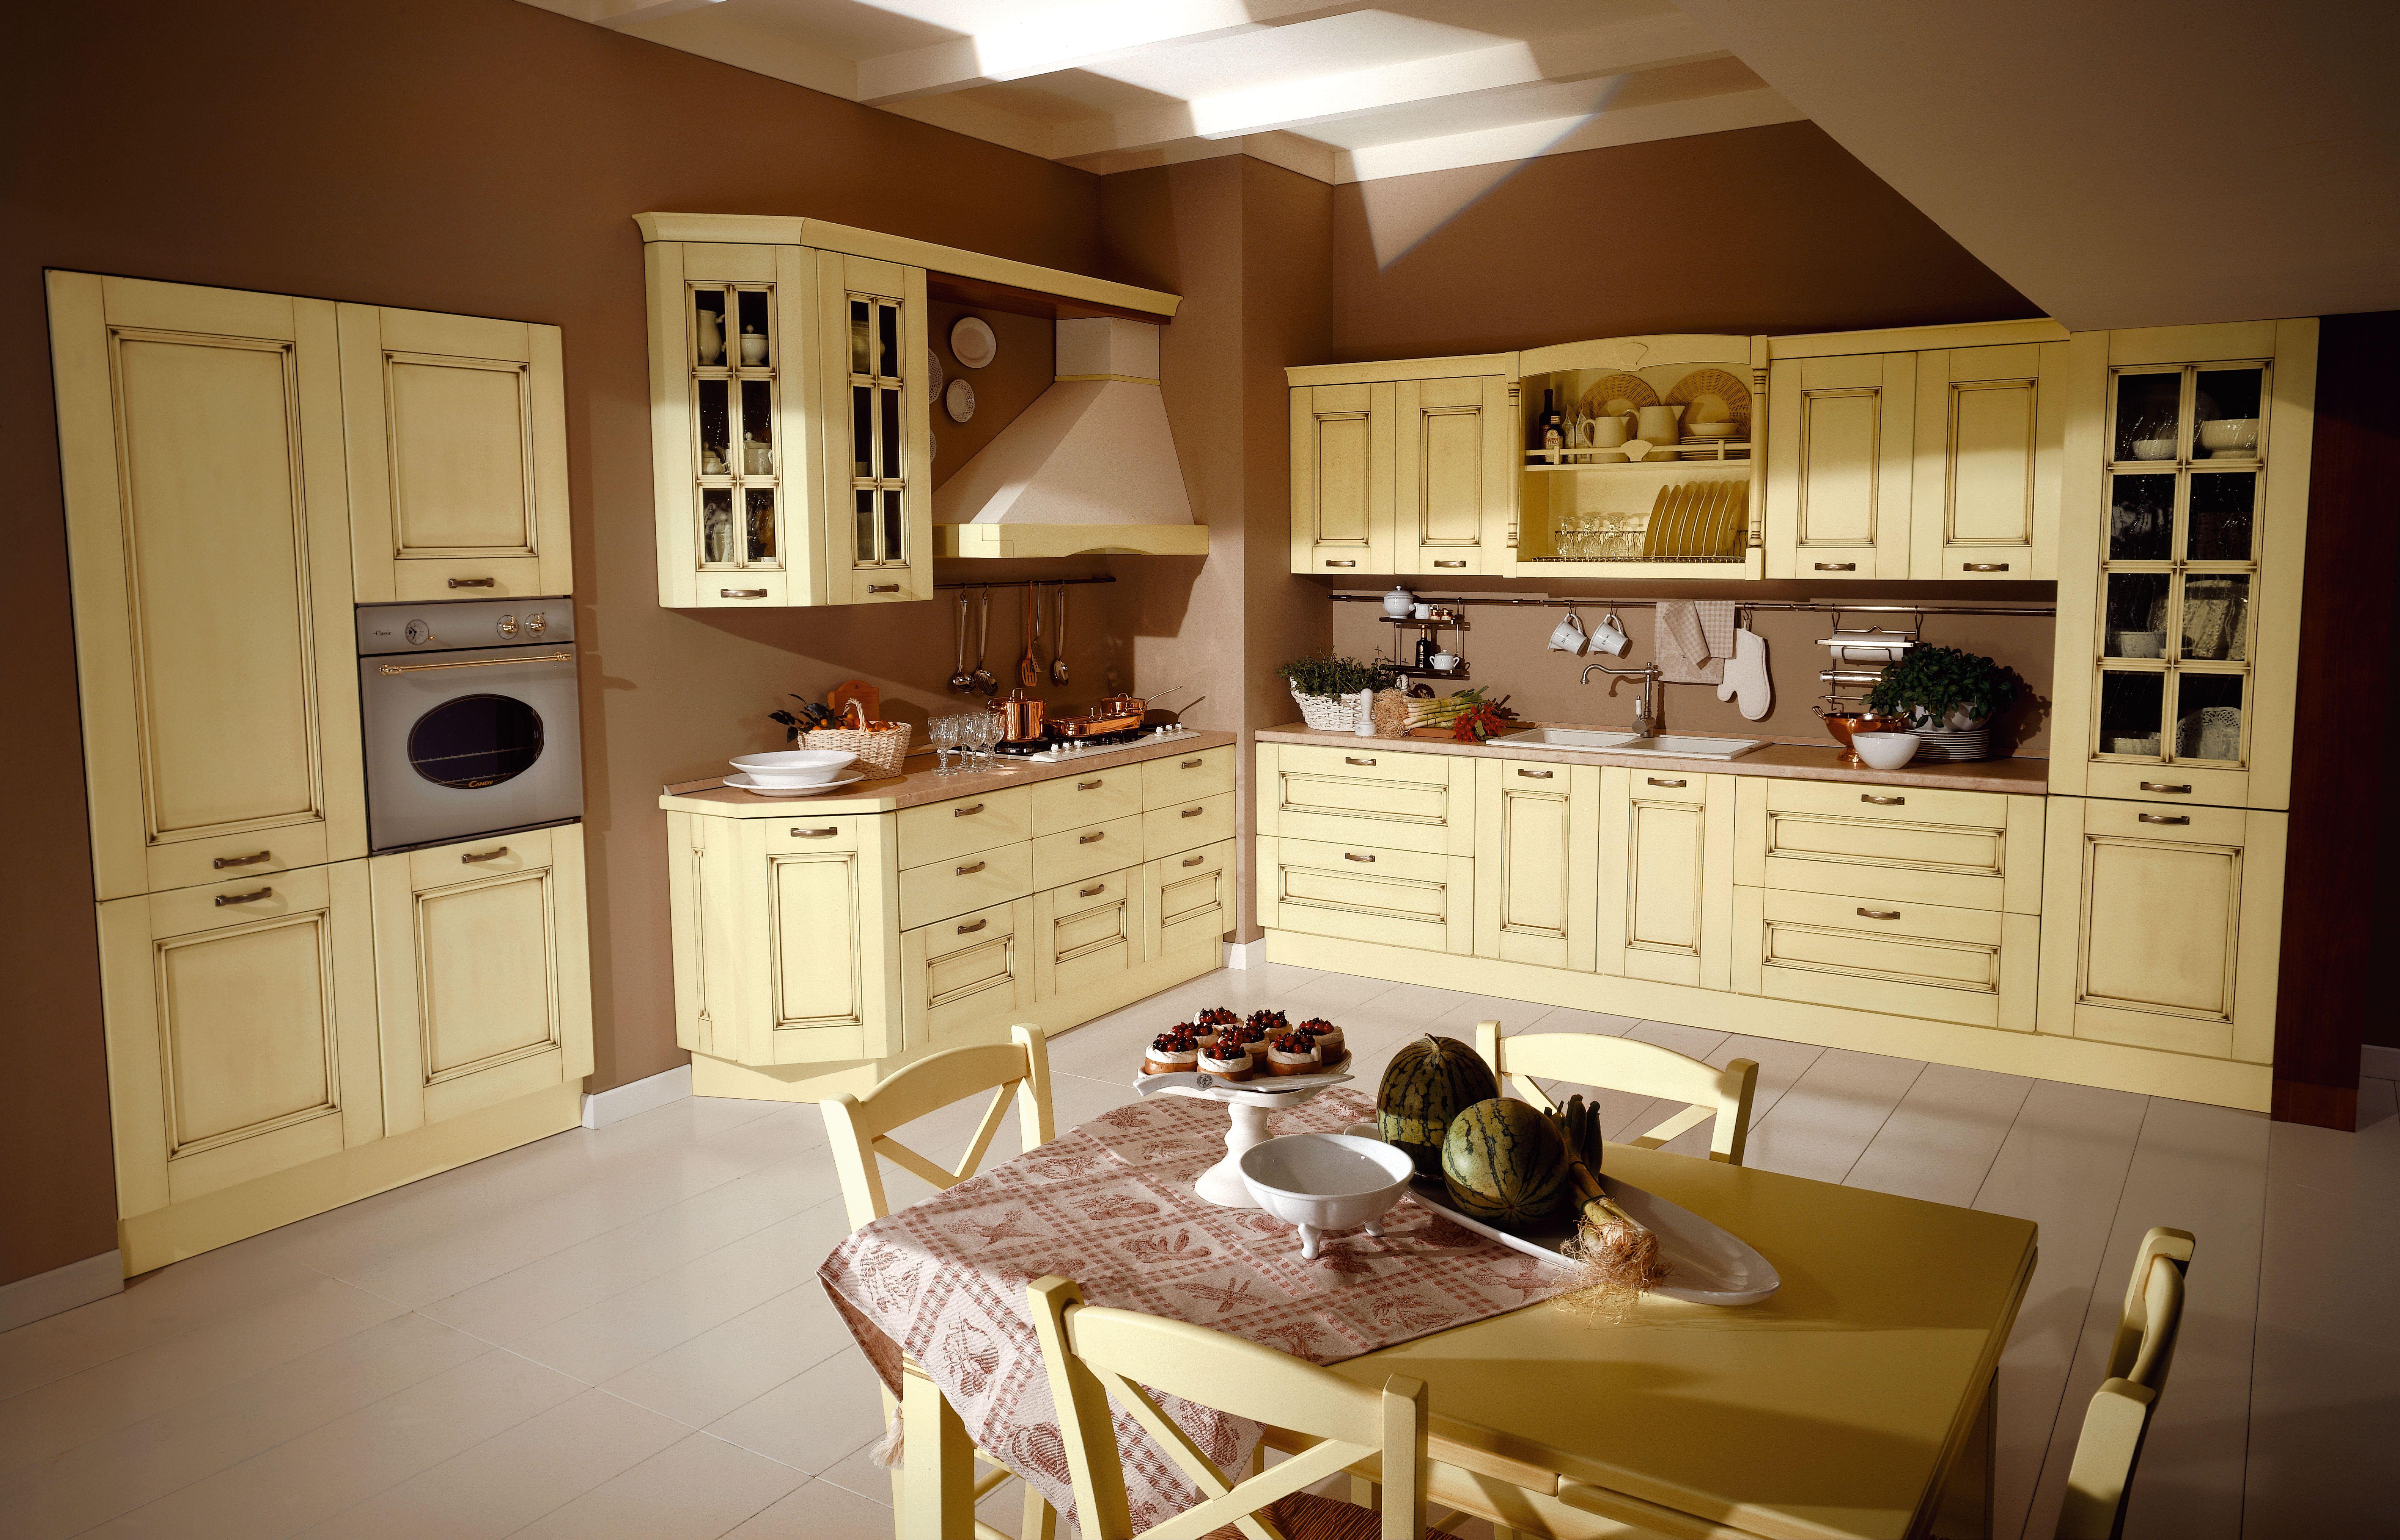 Cucina Ciliegio E Panna alila è una cucina professionale ed elegante, da scegliere